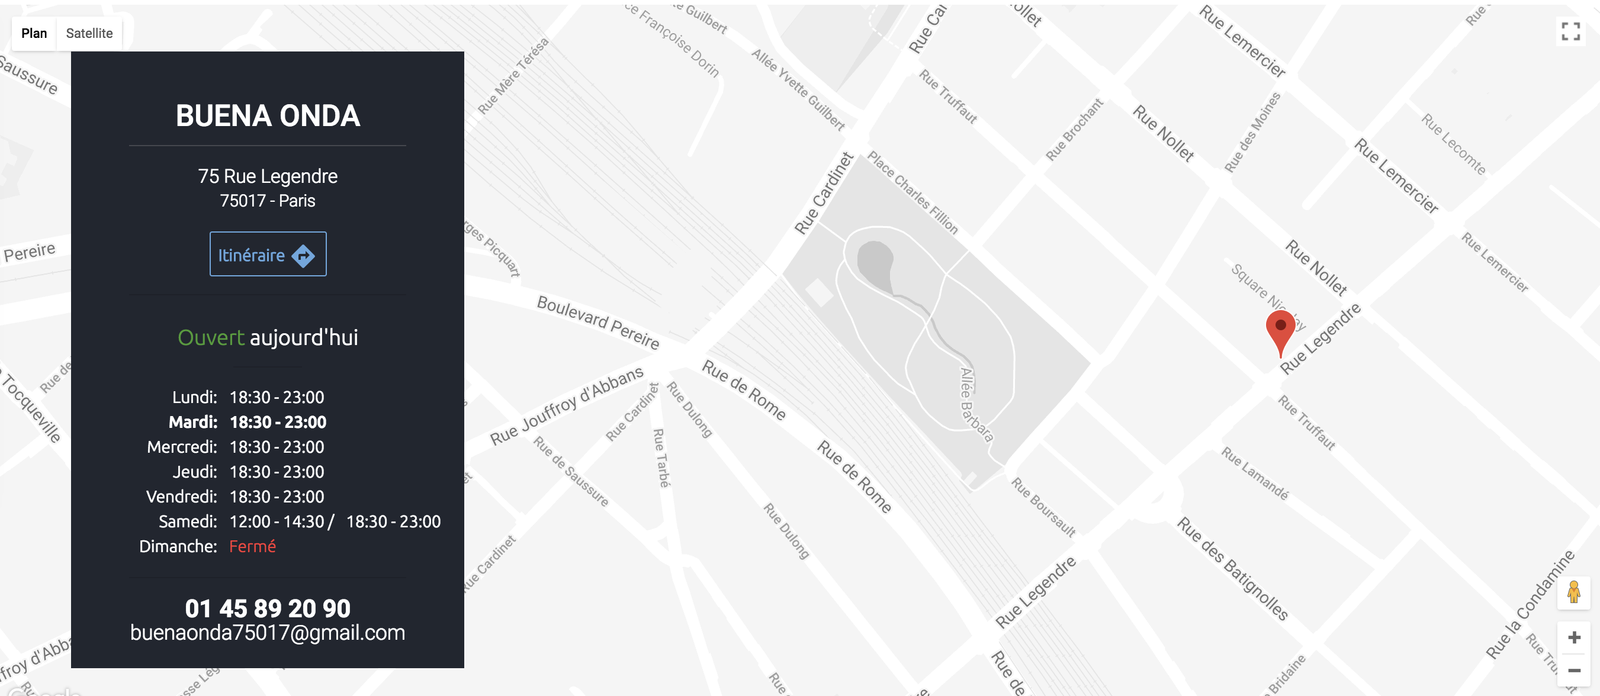 """Exemple du restaurant Buena Onda. On aime le bouton """"Itinéraire"""" qui renvoie directement vers Google Maps"""